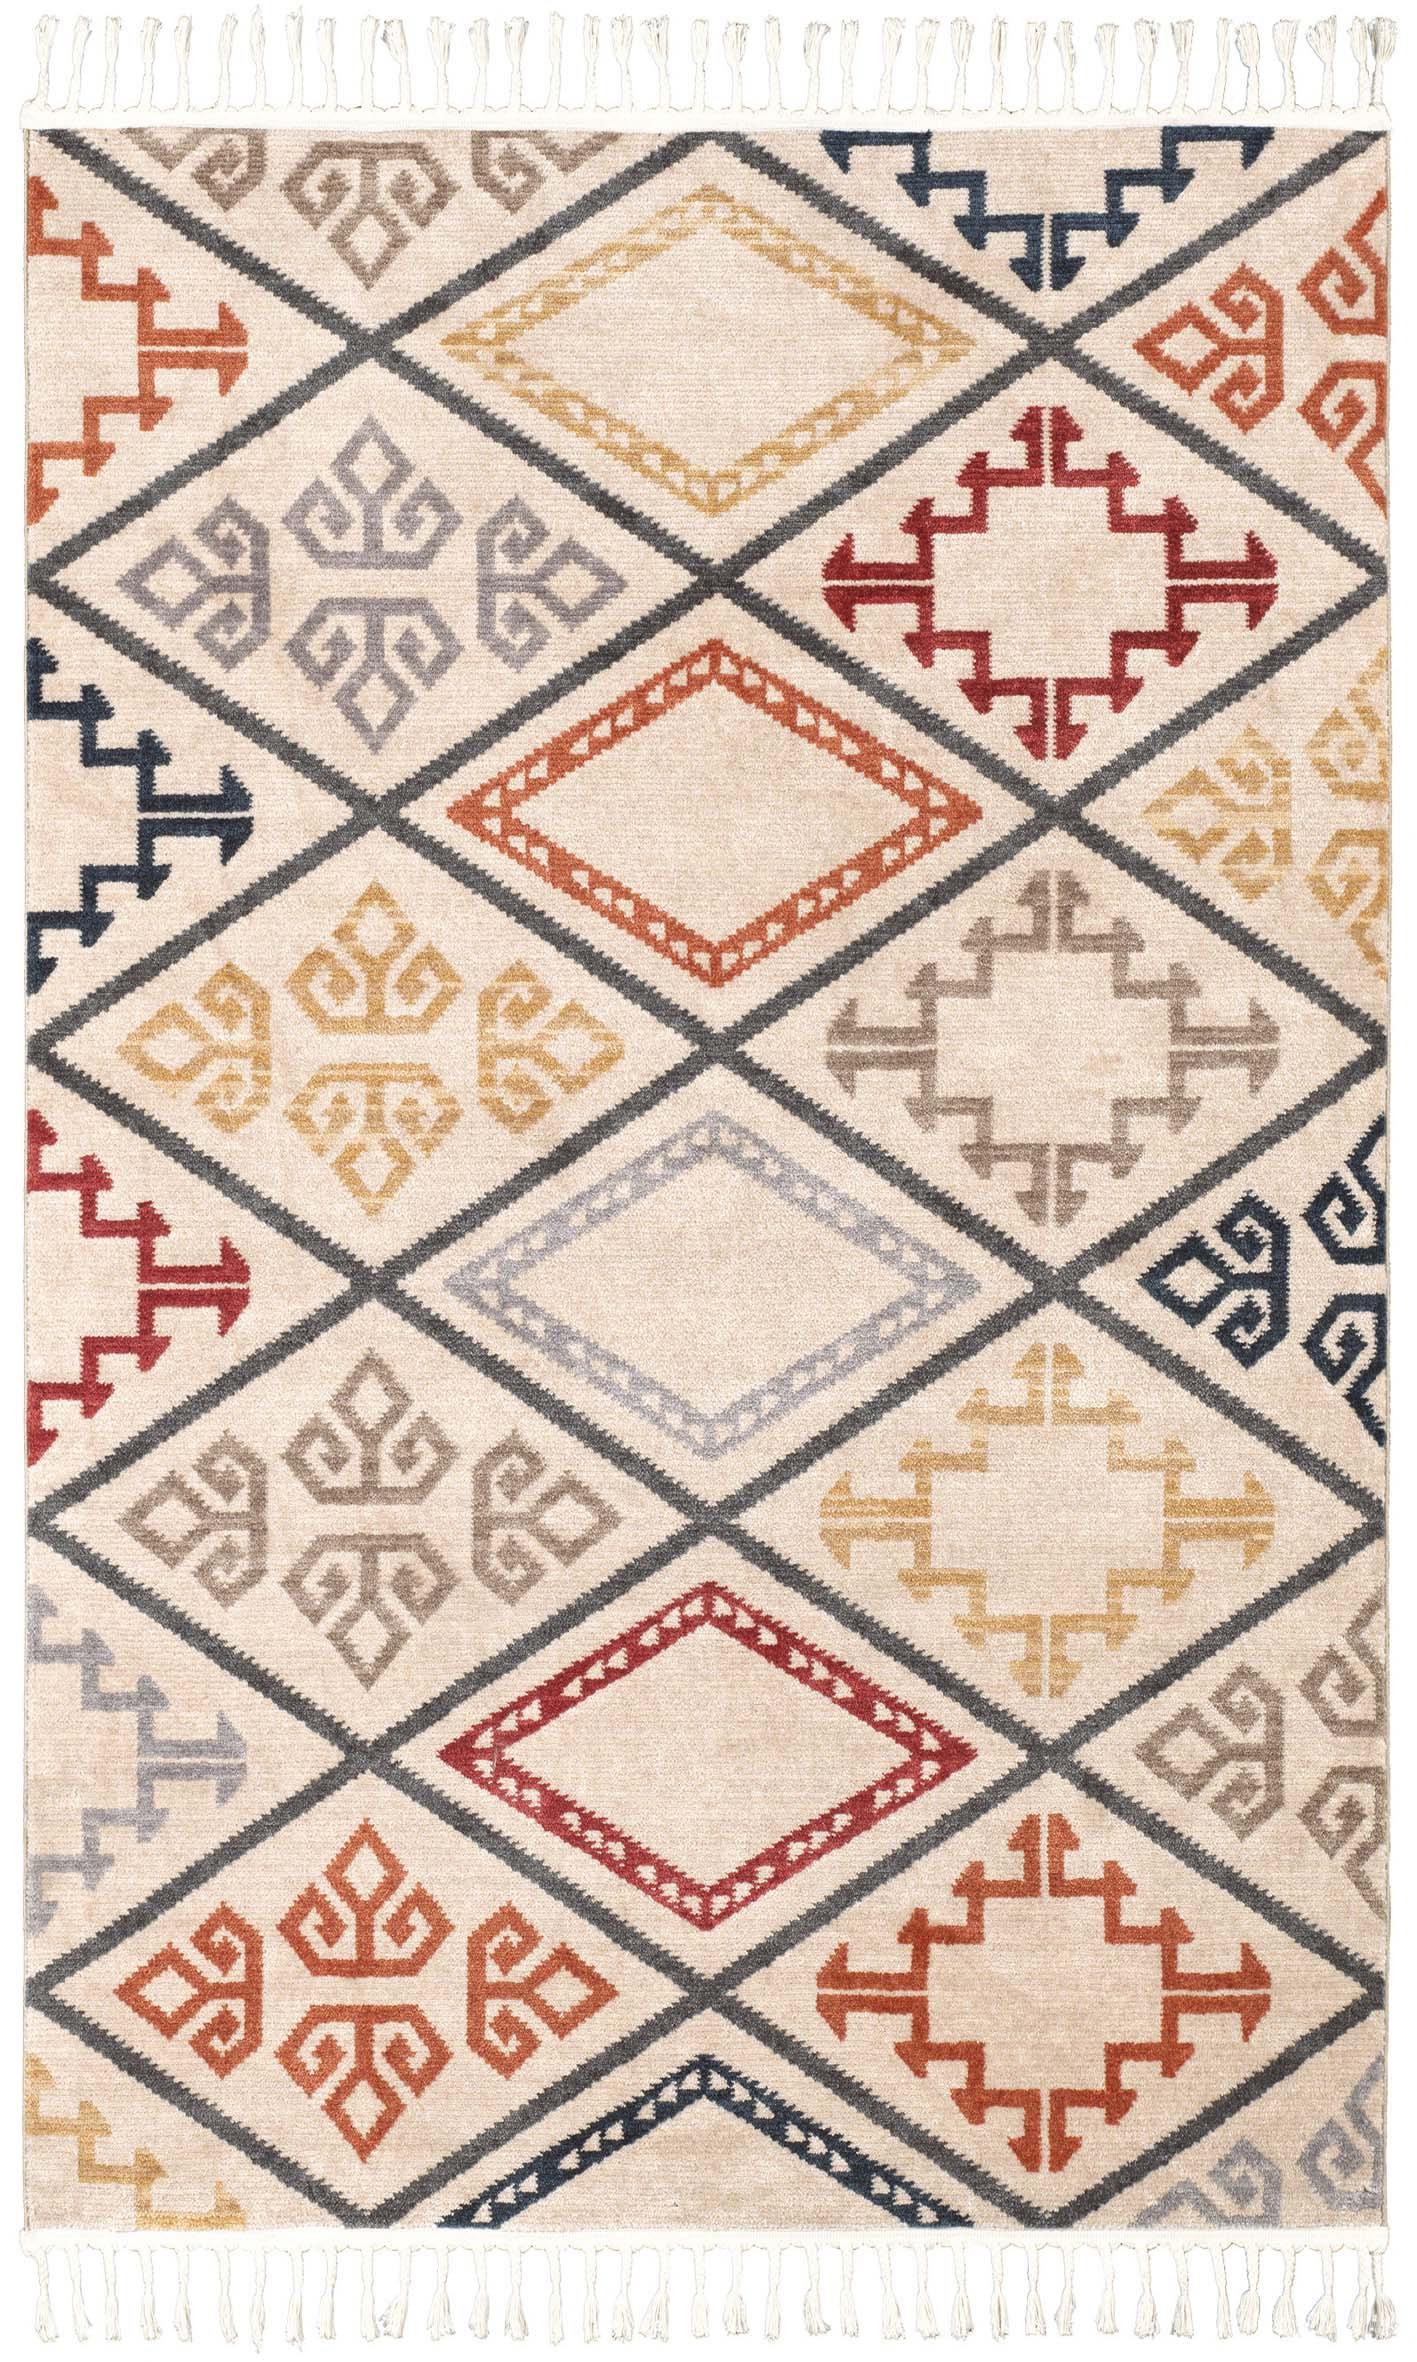 Tapis Sur Chauffage Au Sol kilim - tapis ethnique -